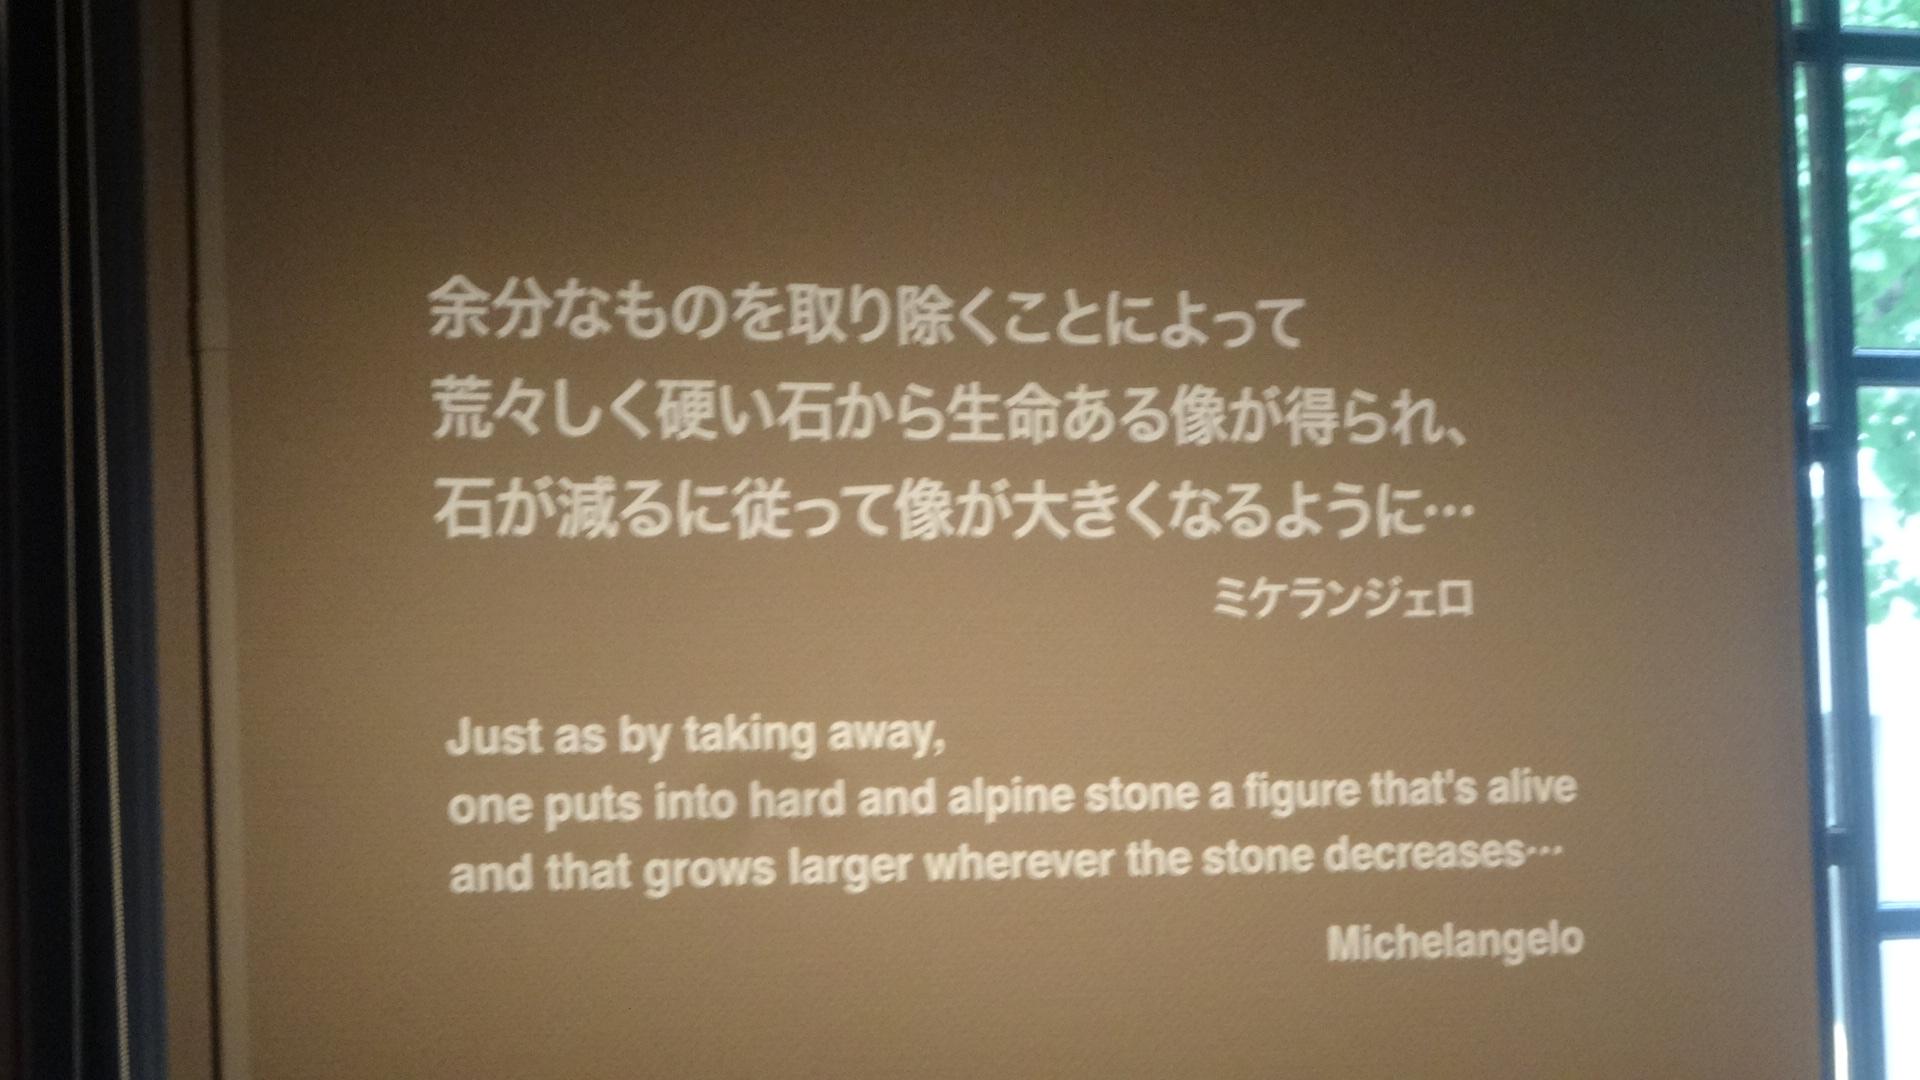 彫刻とは削りとっていく芸術である というミケランジェロの言葉が書かれたスライド